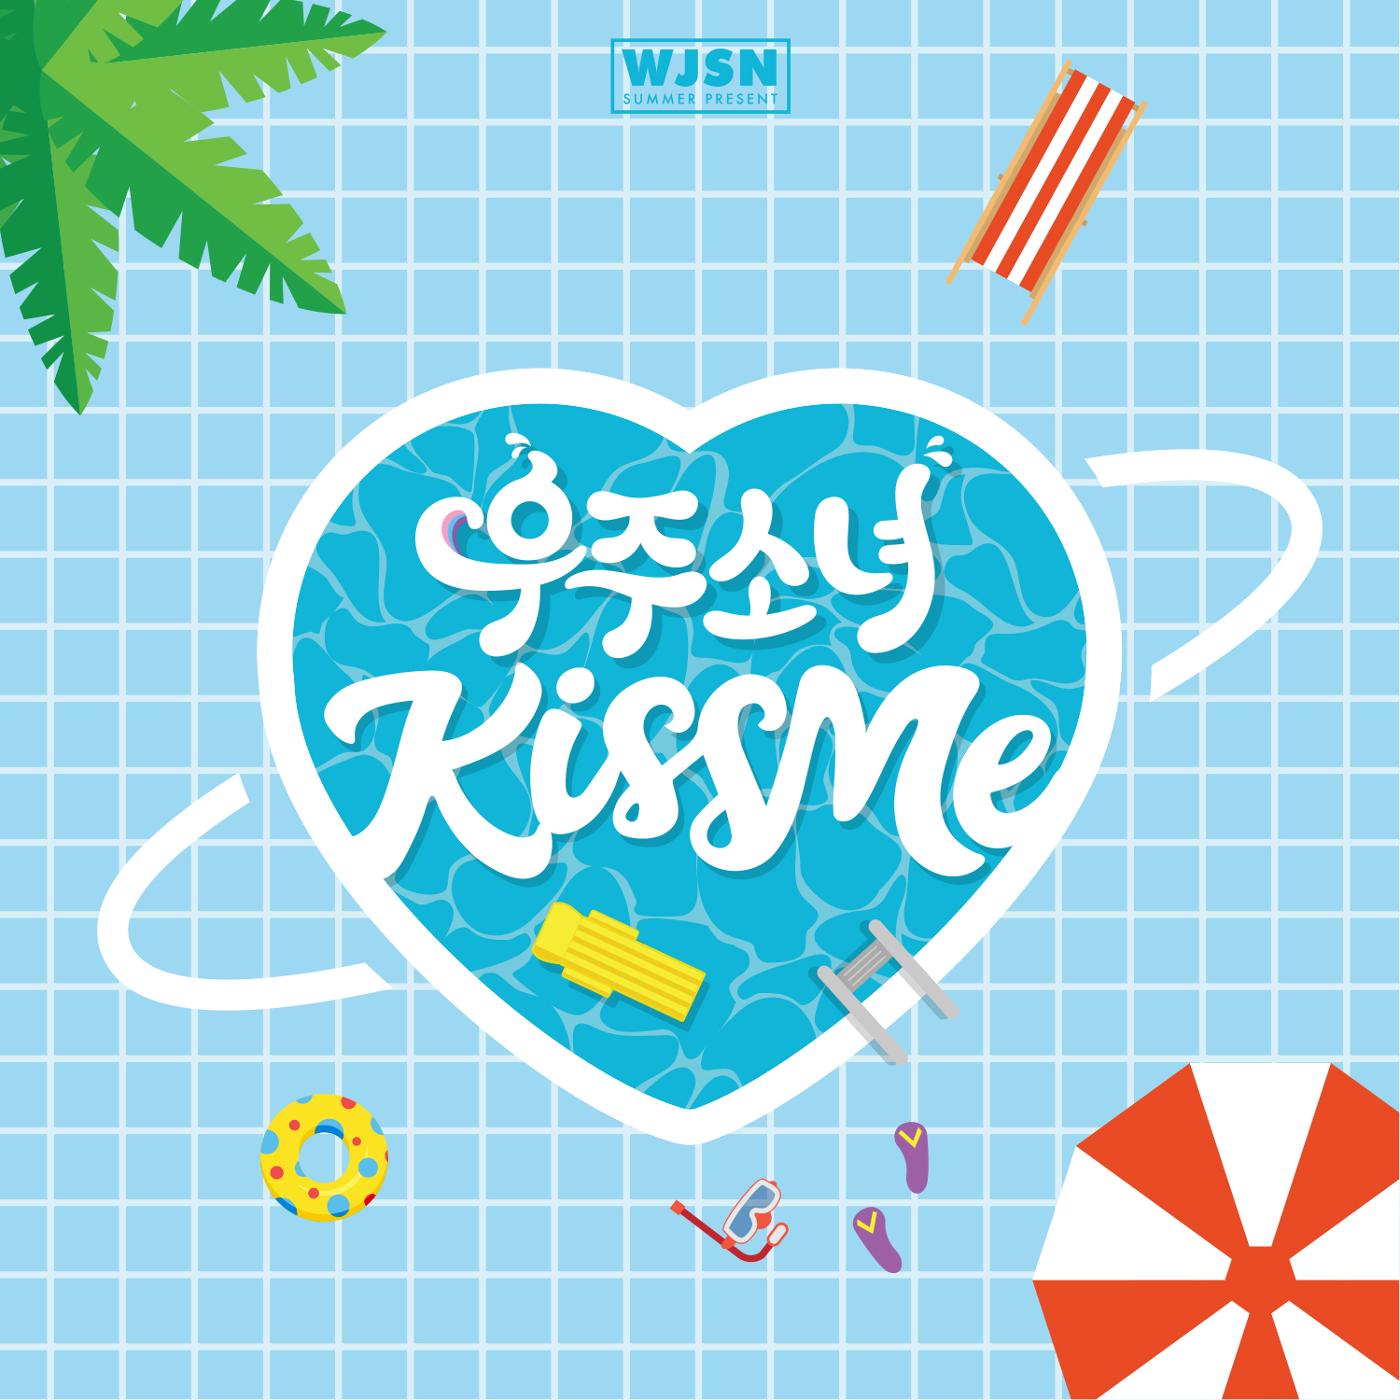 Kiss Me (WJSN)